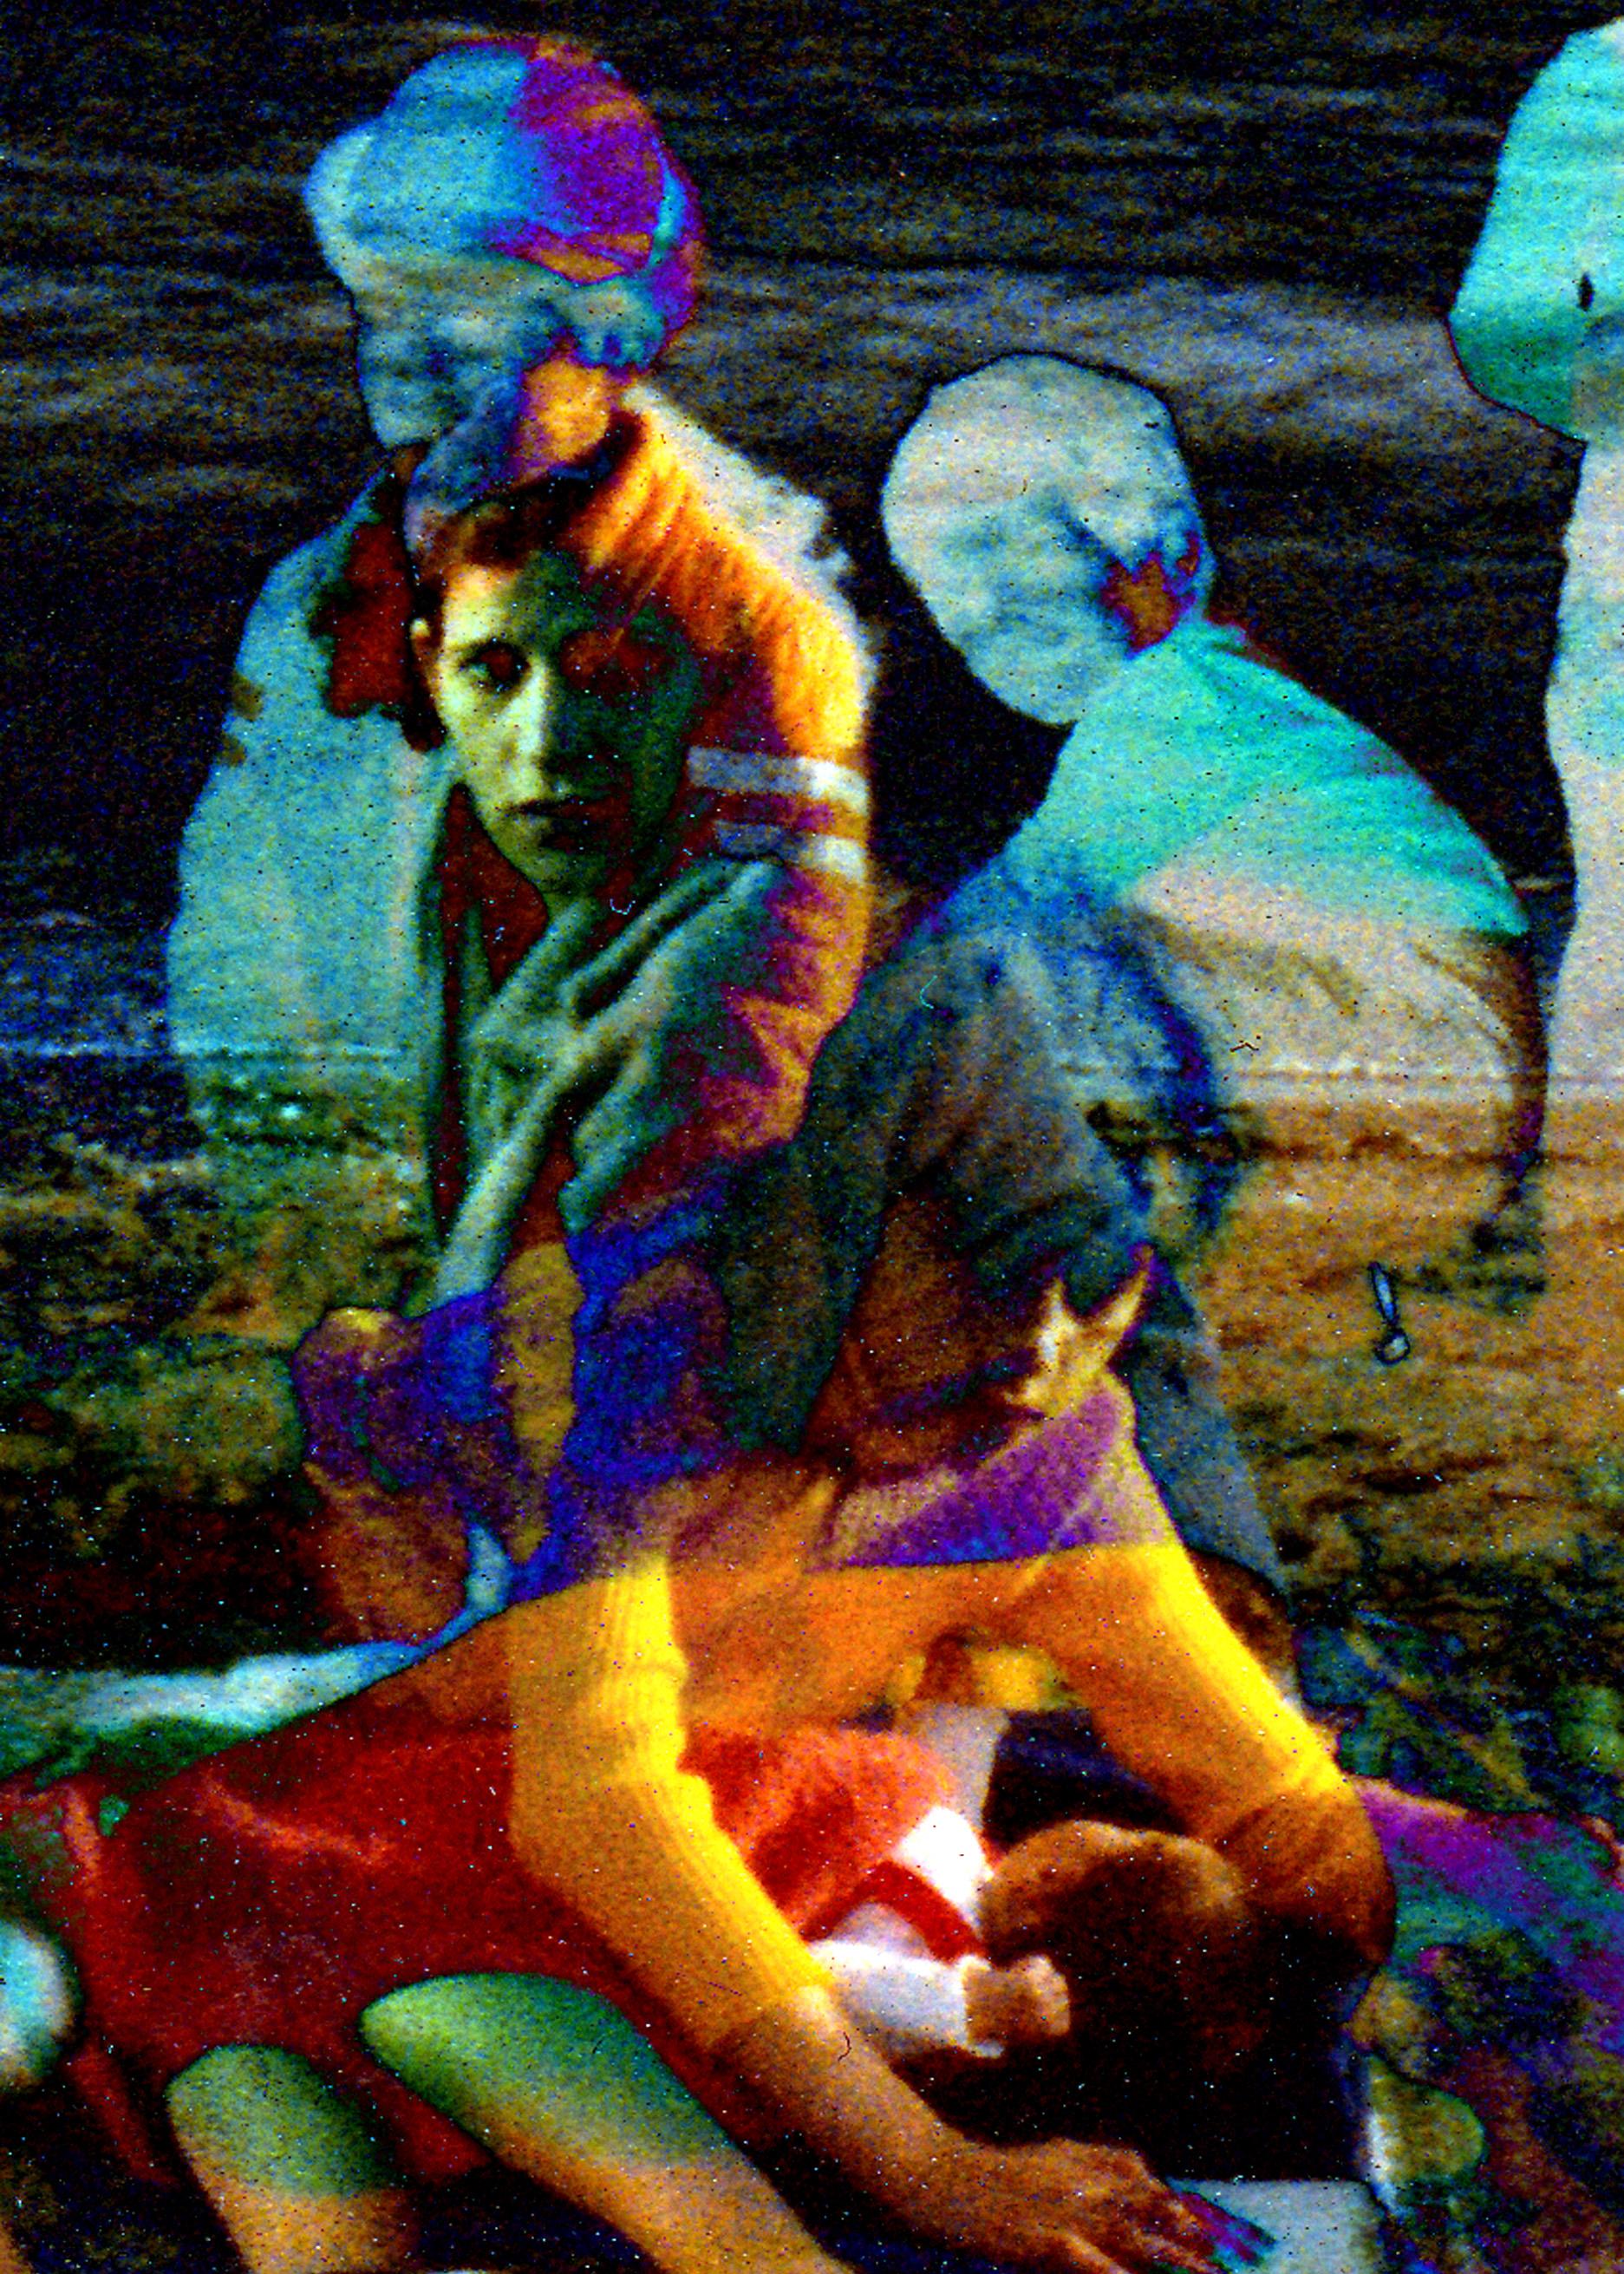 Setareh Shahbazi, Spectral Days, 2013, C-Prints oder Pigmentprints, verschiedene Maße, Edition von 3 + 1 AP, Courtesy die Künstlerin und Gypsum Gallery, Kairo